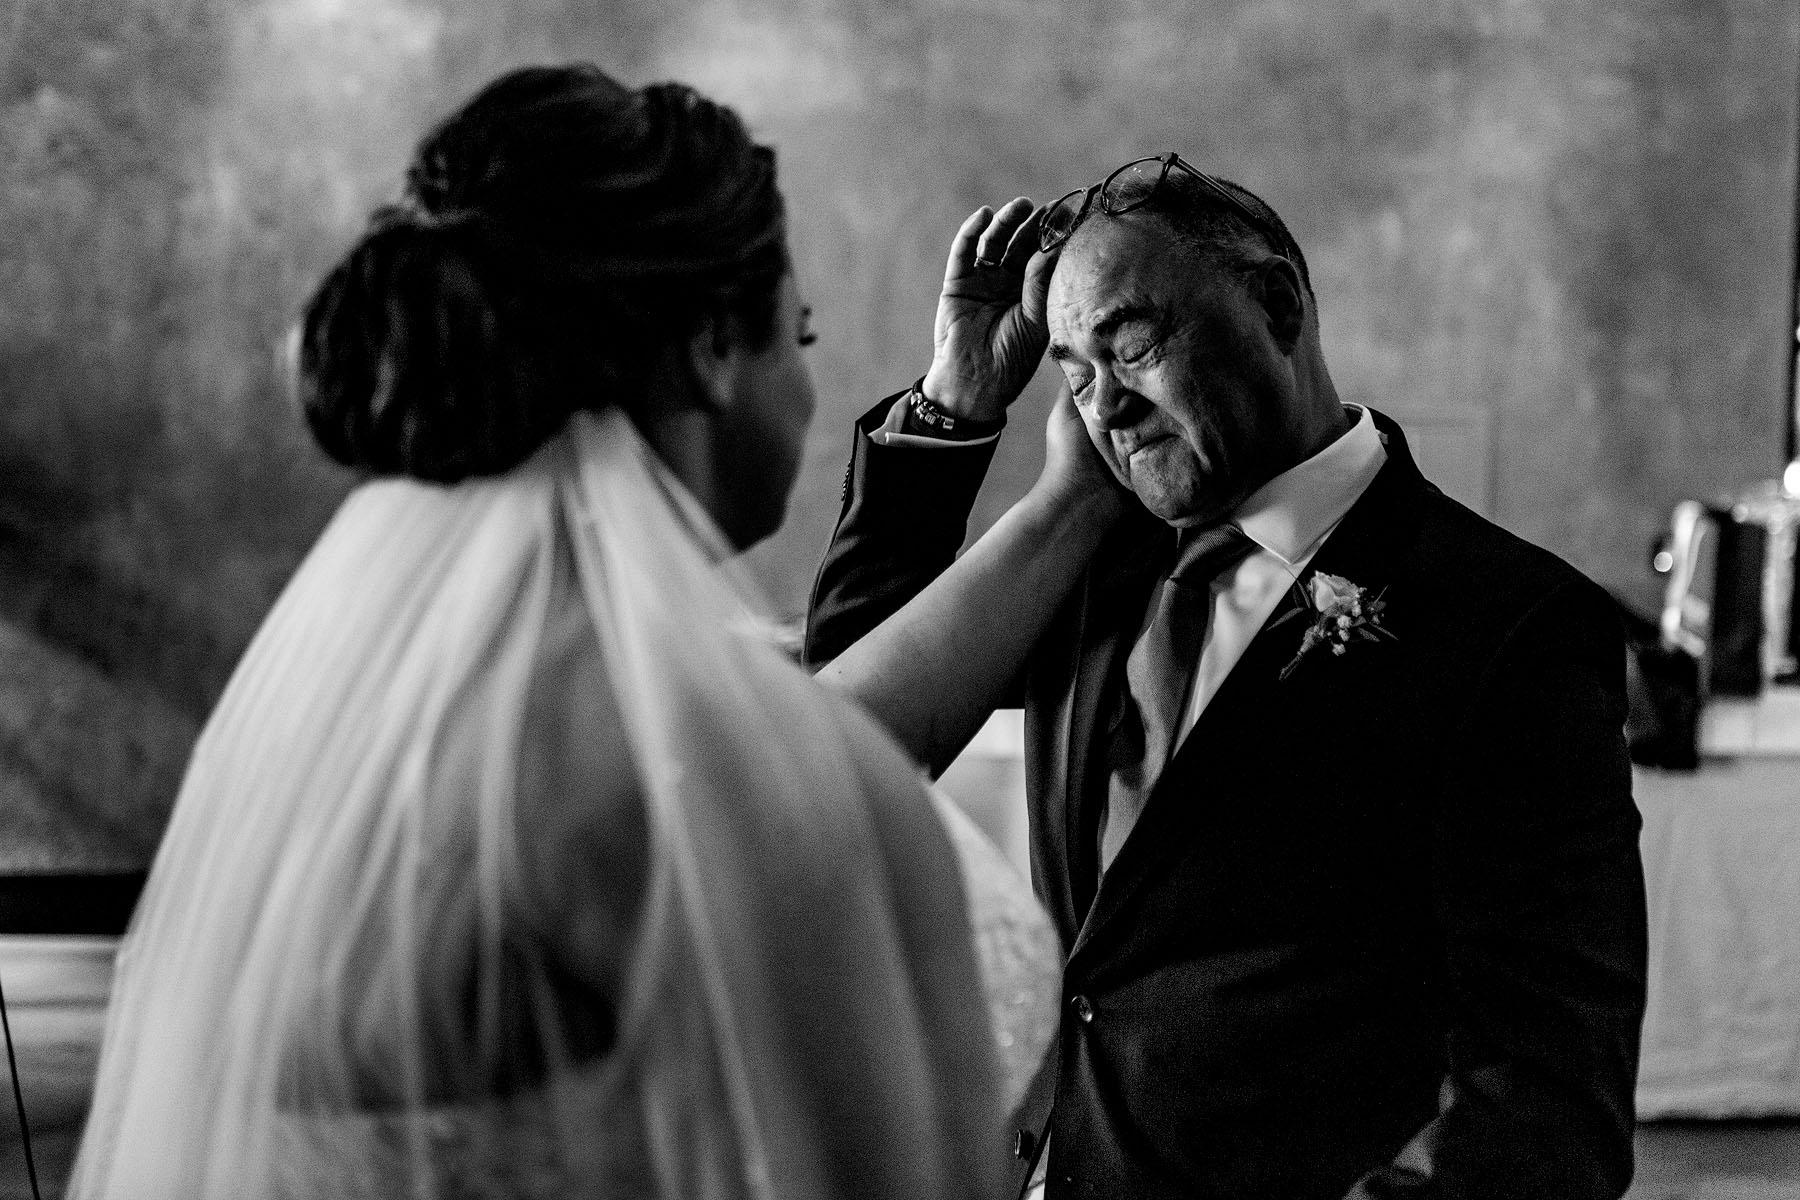 Vaders op bruiloften | Vader van de bruid | weggeven bruid | trouwfoto